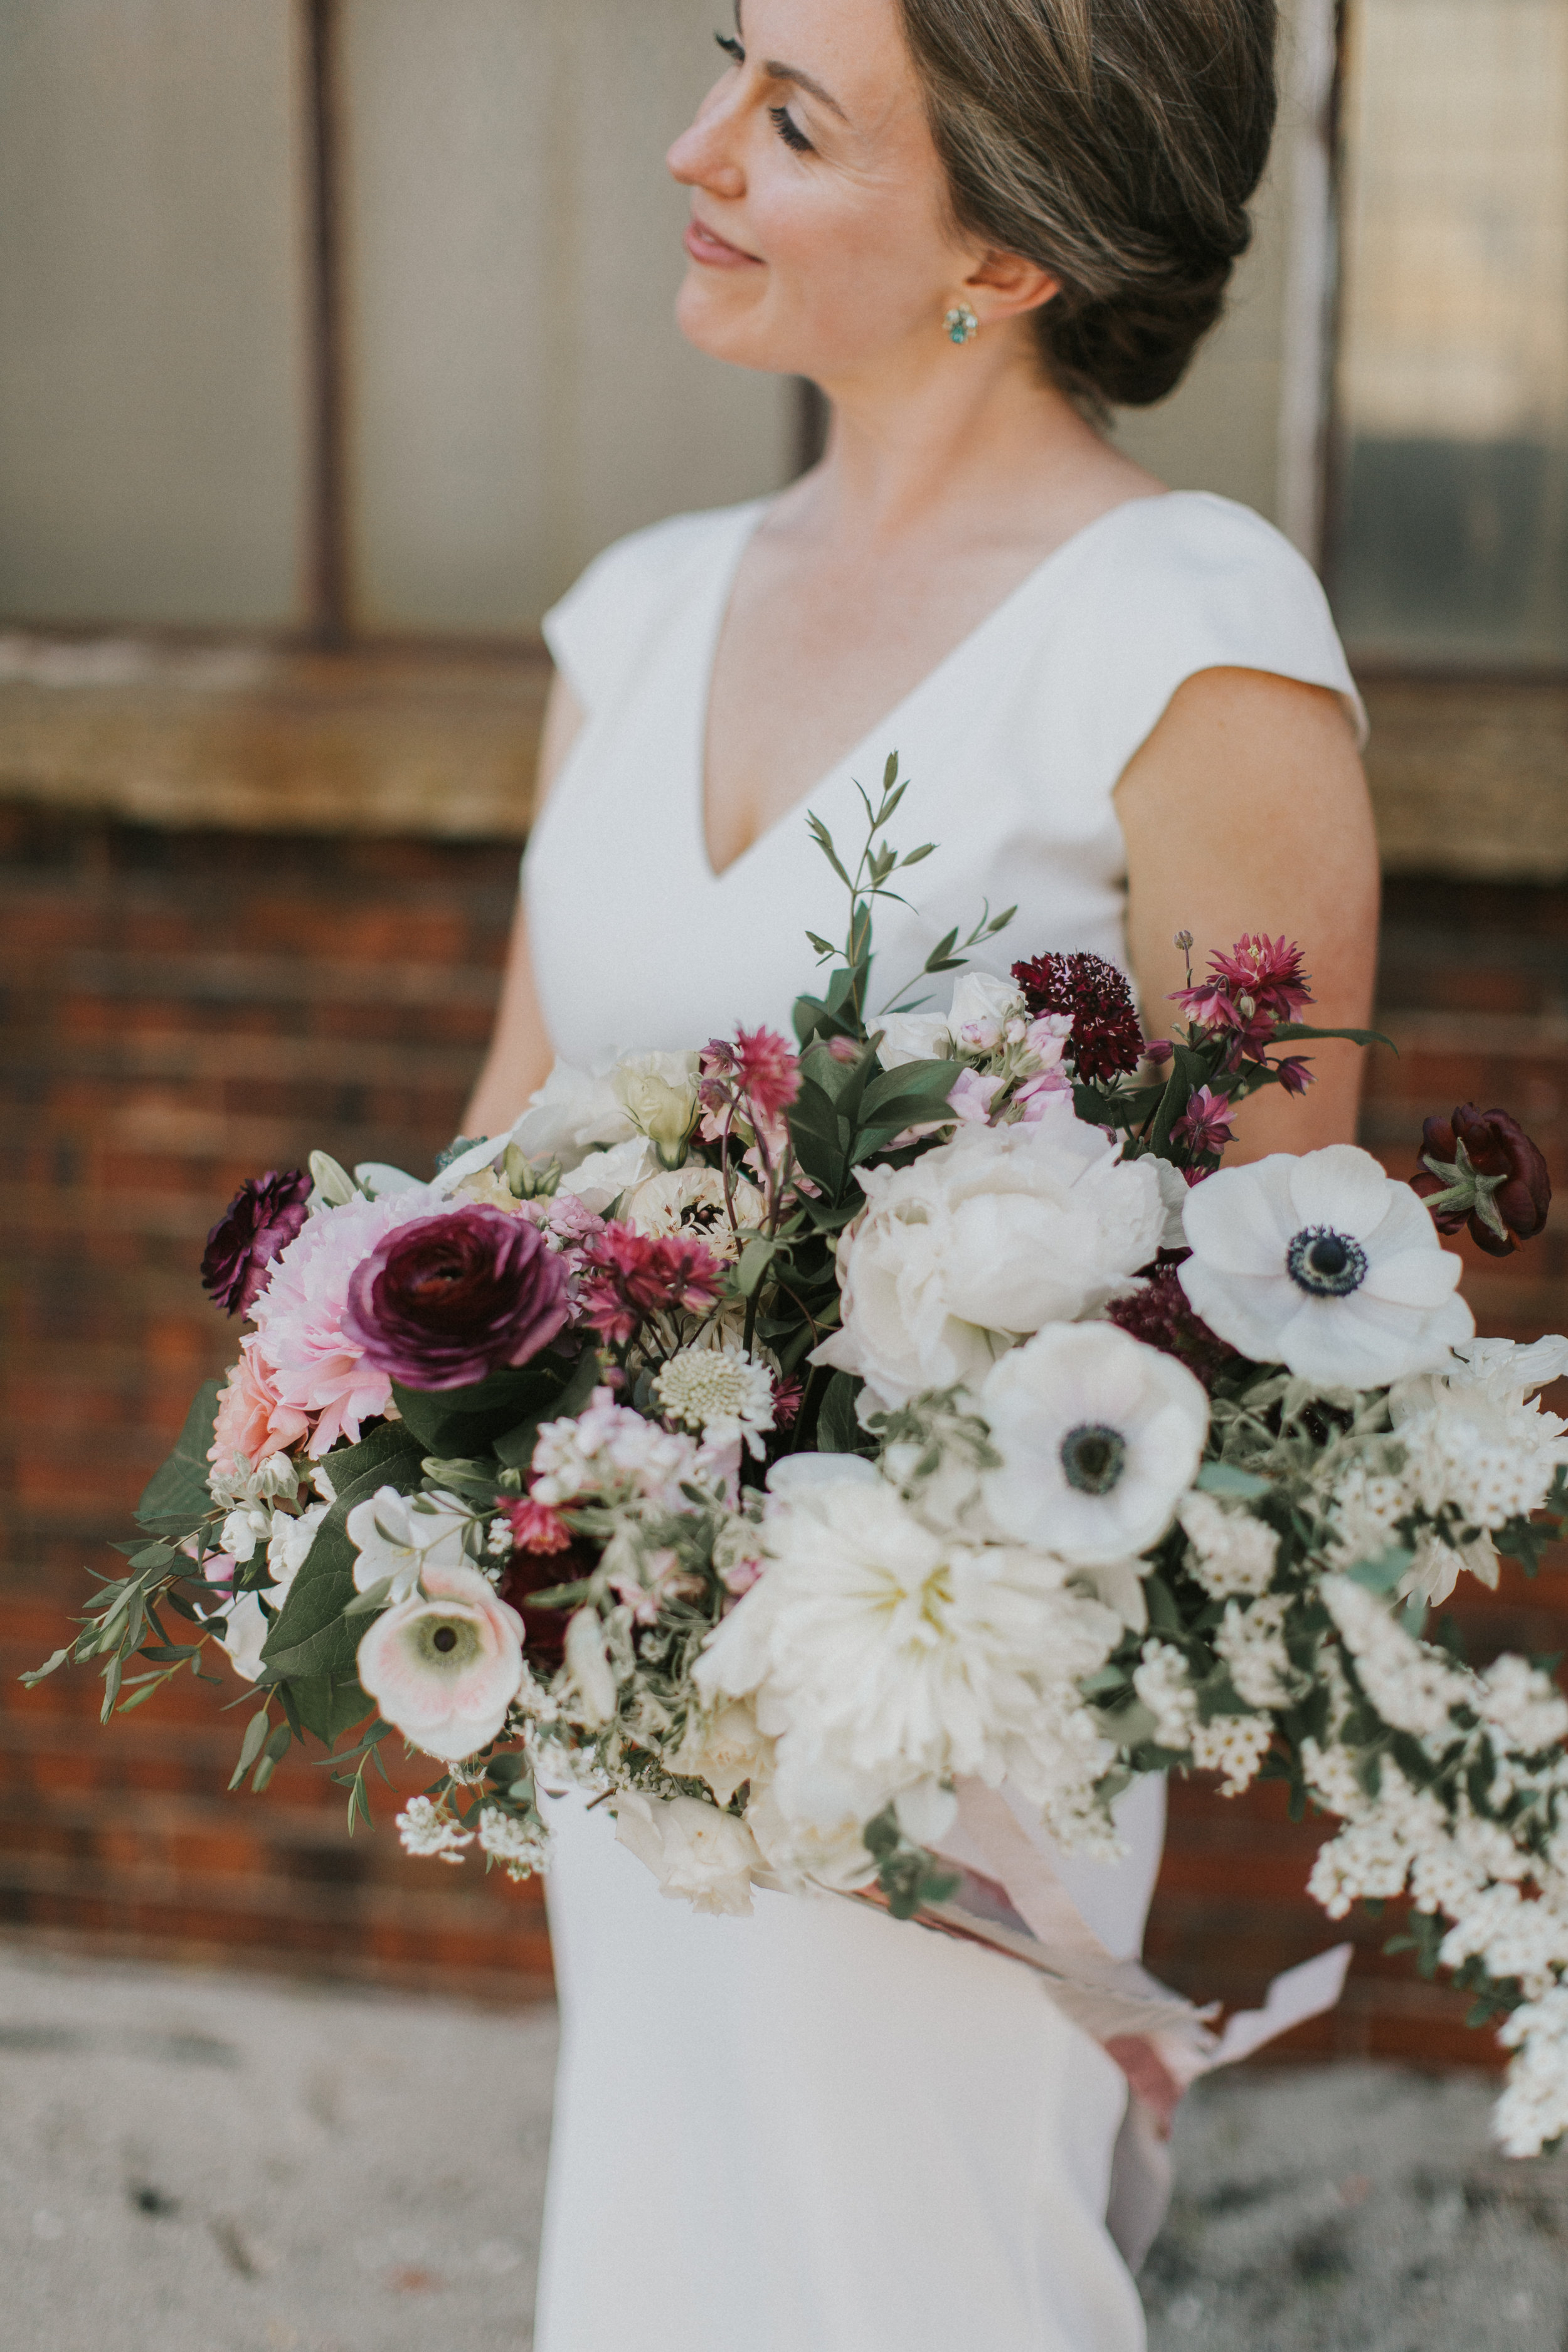 Watershed_Floral_Maine_Wedding_Florist_126.jpg